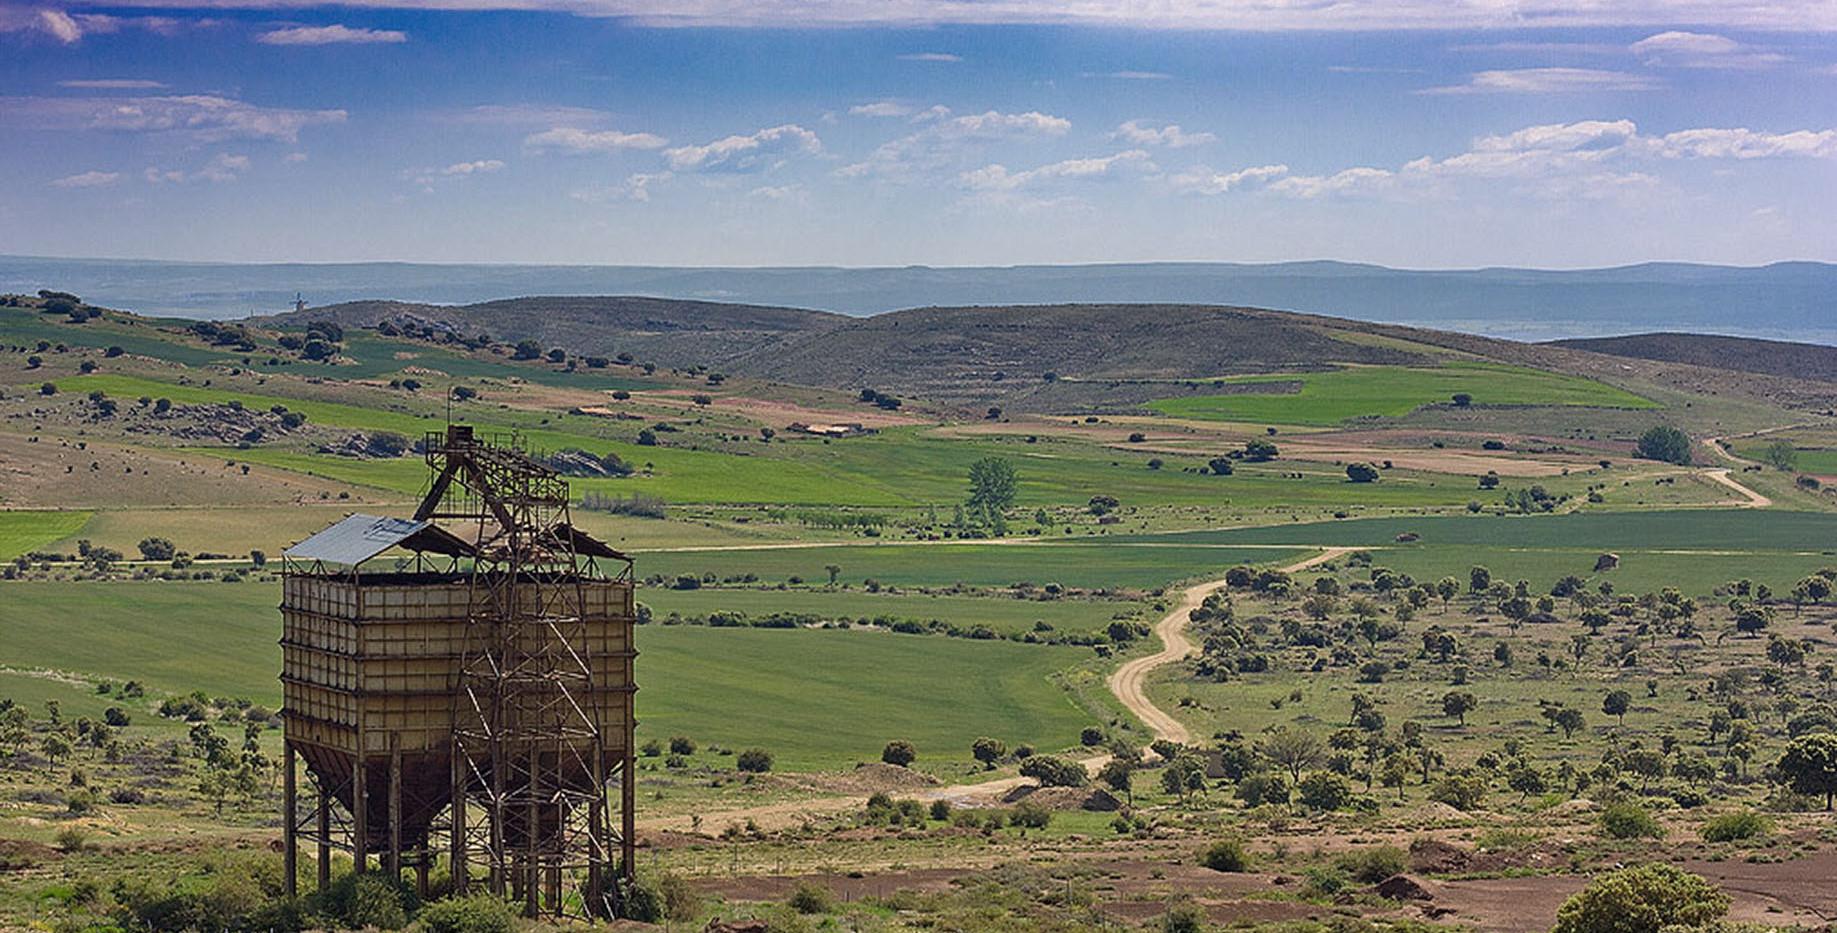 Rueda en Teruel-Shoot in Teruel- Ojos Negros